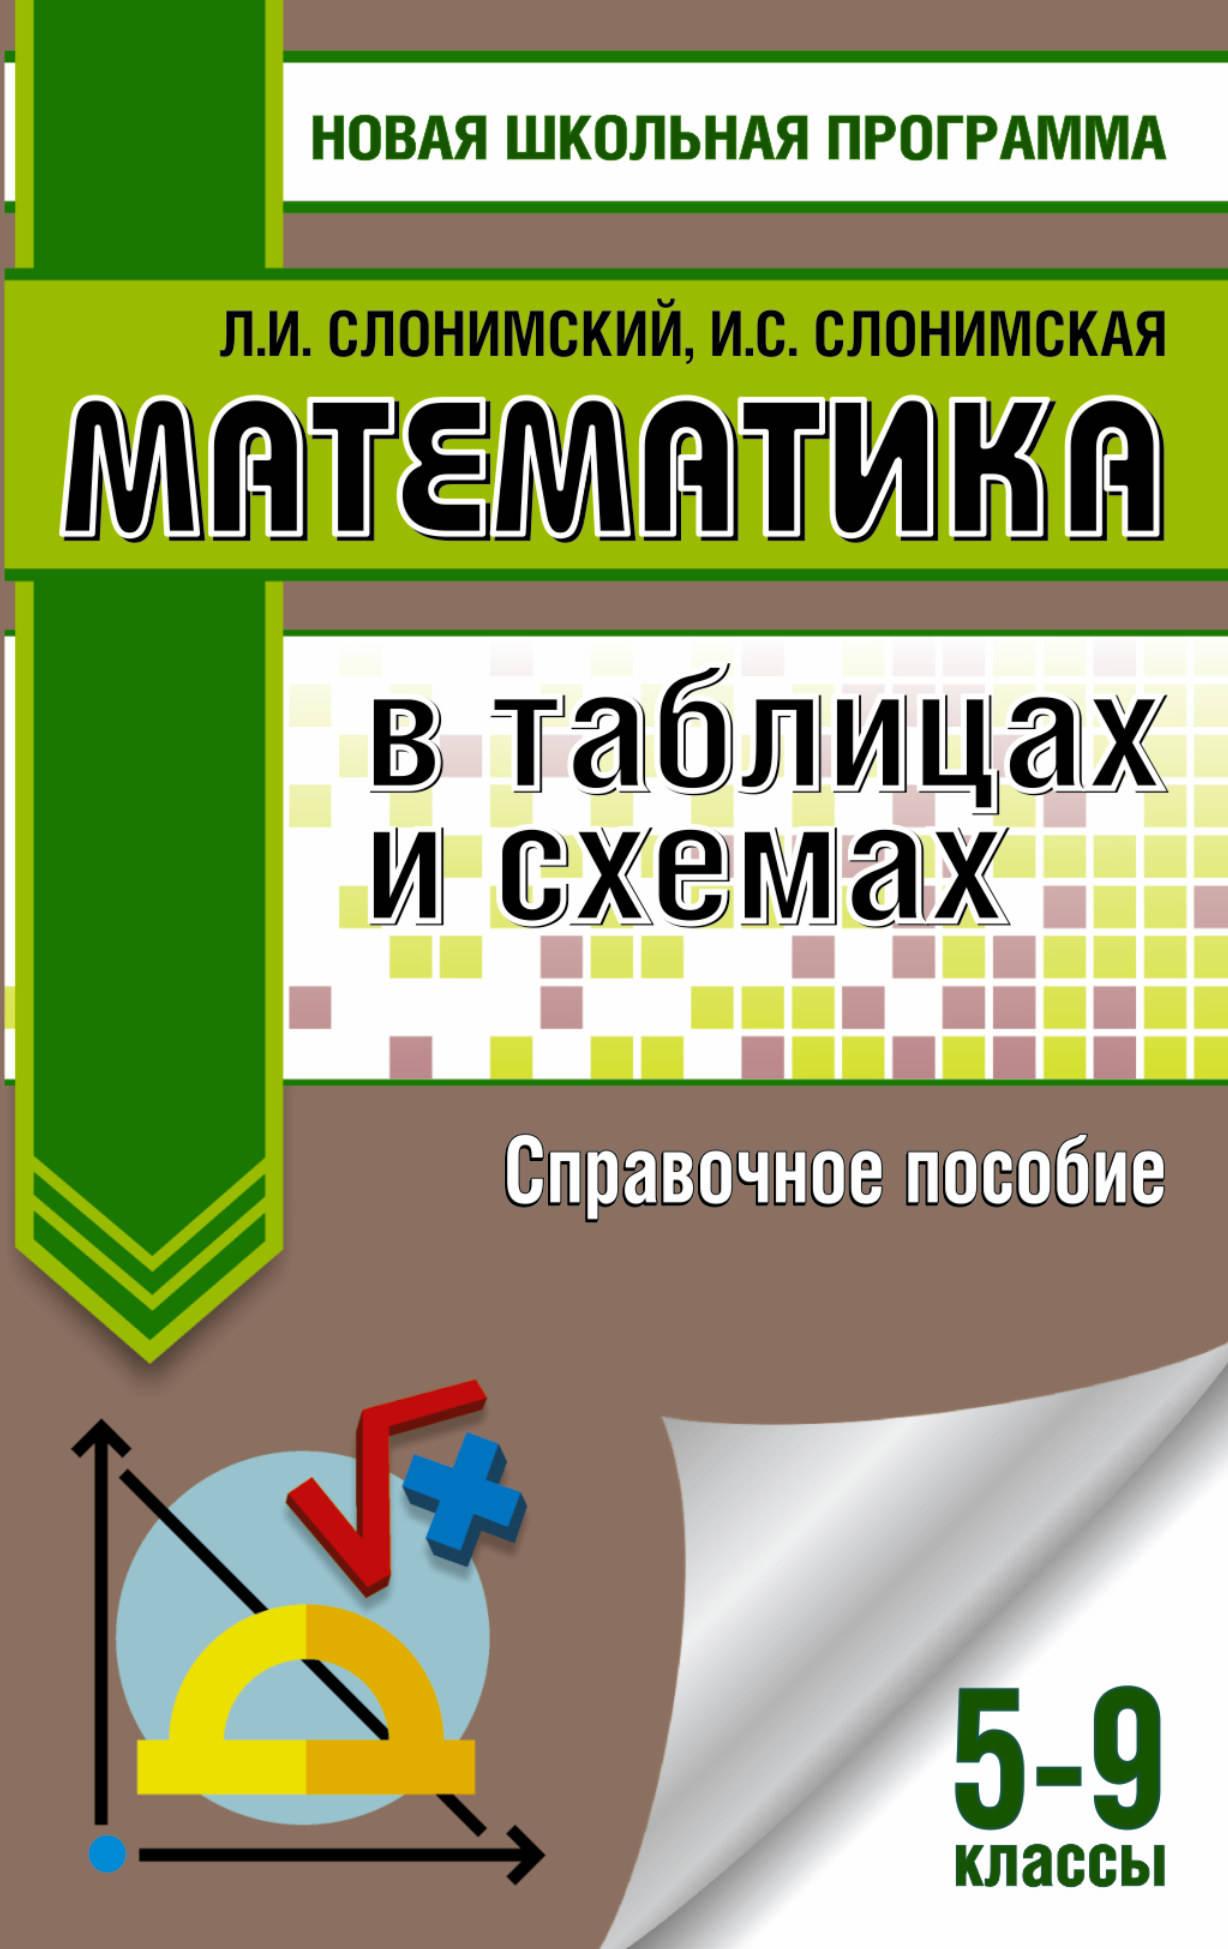 Л. И. Слонимский, И. С. Слонимская Математика в таблицах и схемах. 5-9 классы. Справочное пособие цена